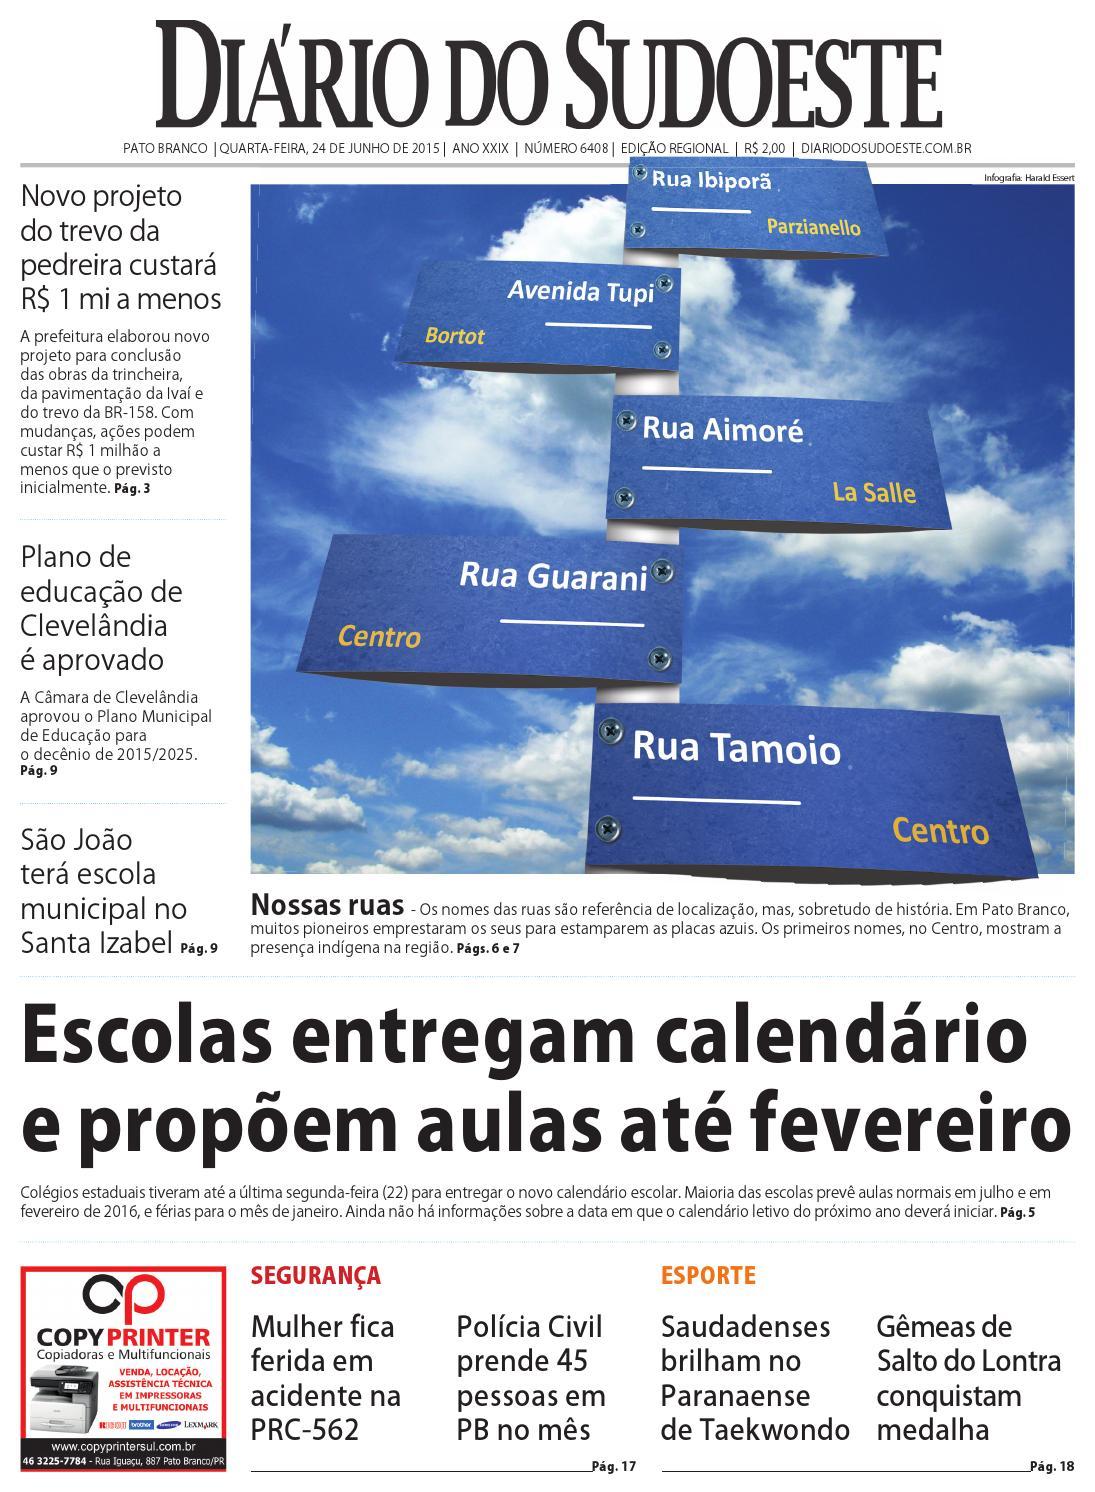 Diário do sudoeste 14 de junho de 2015 ed 6408 by Diário do Sudoeste - issuu c9904c5c2cca7